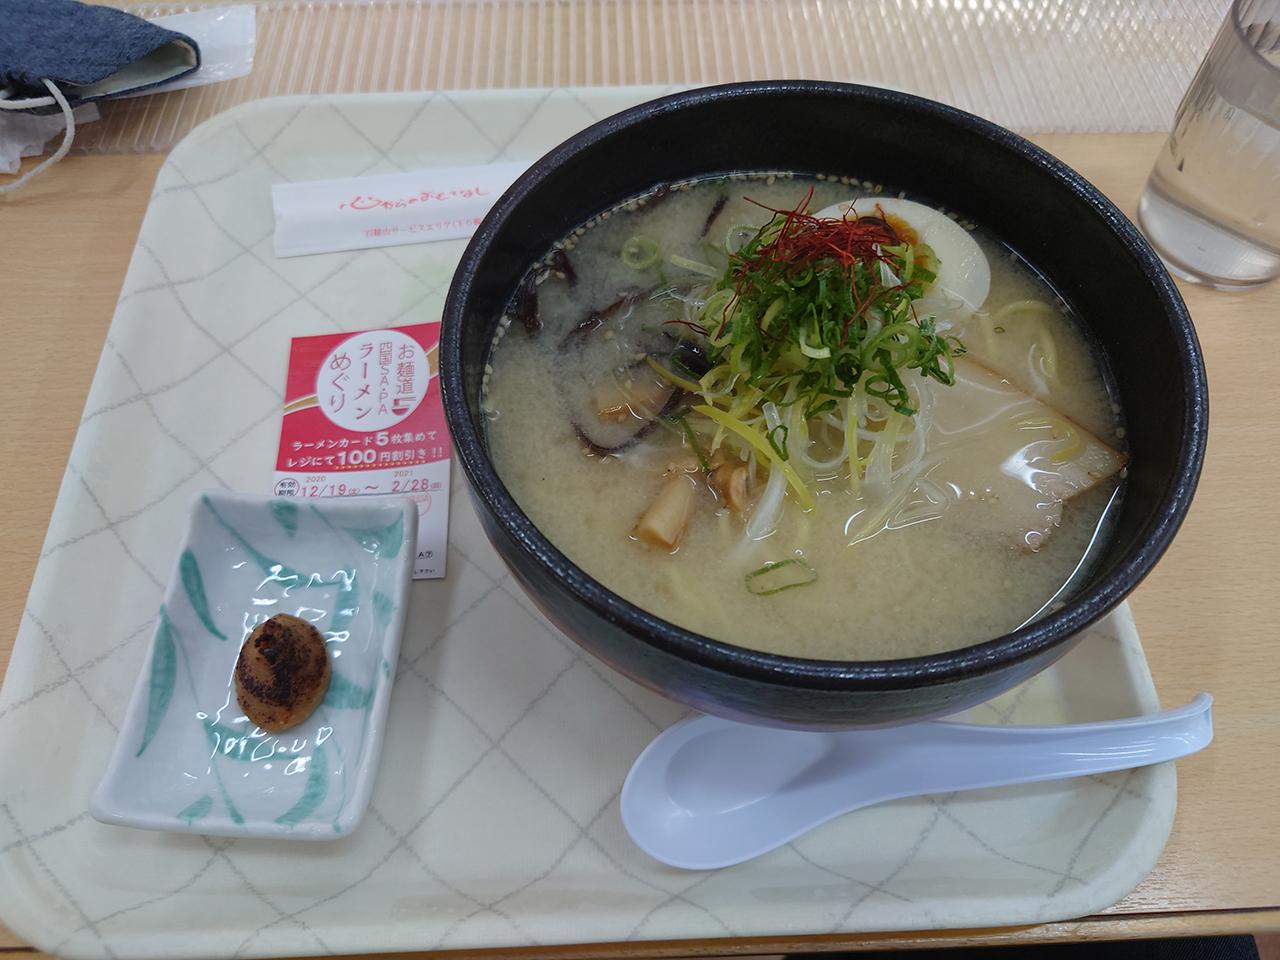 松山道石鎚山SAで邂逅!焦がし味噌で味変を楽しむラーメンはこれだ!